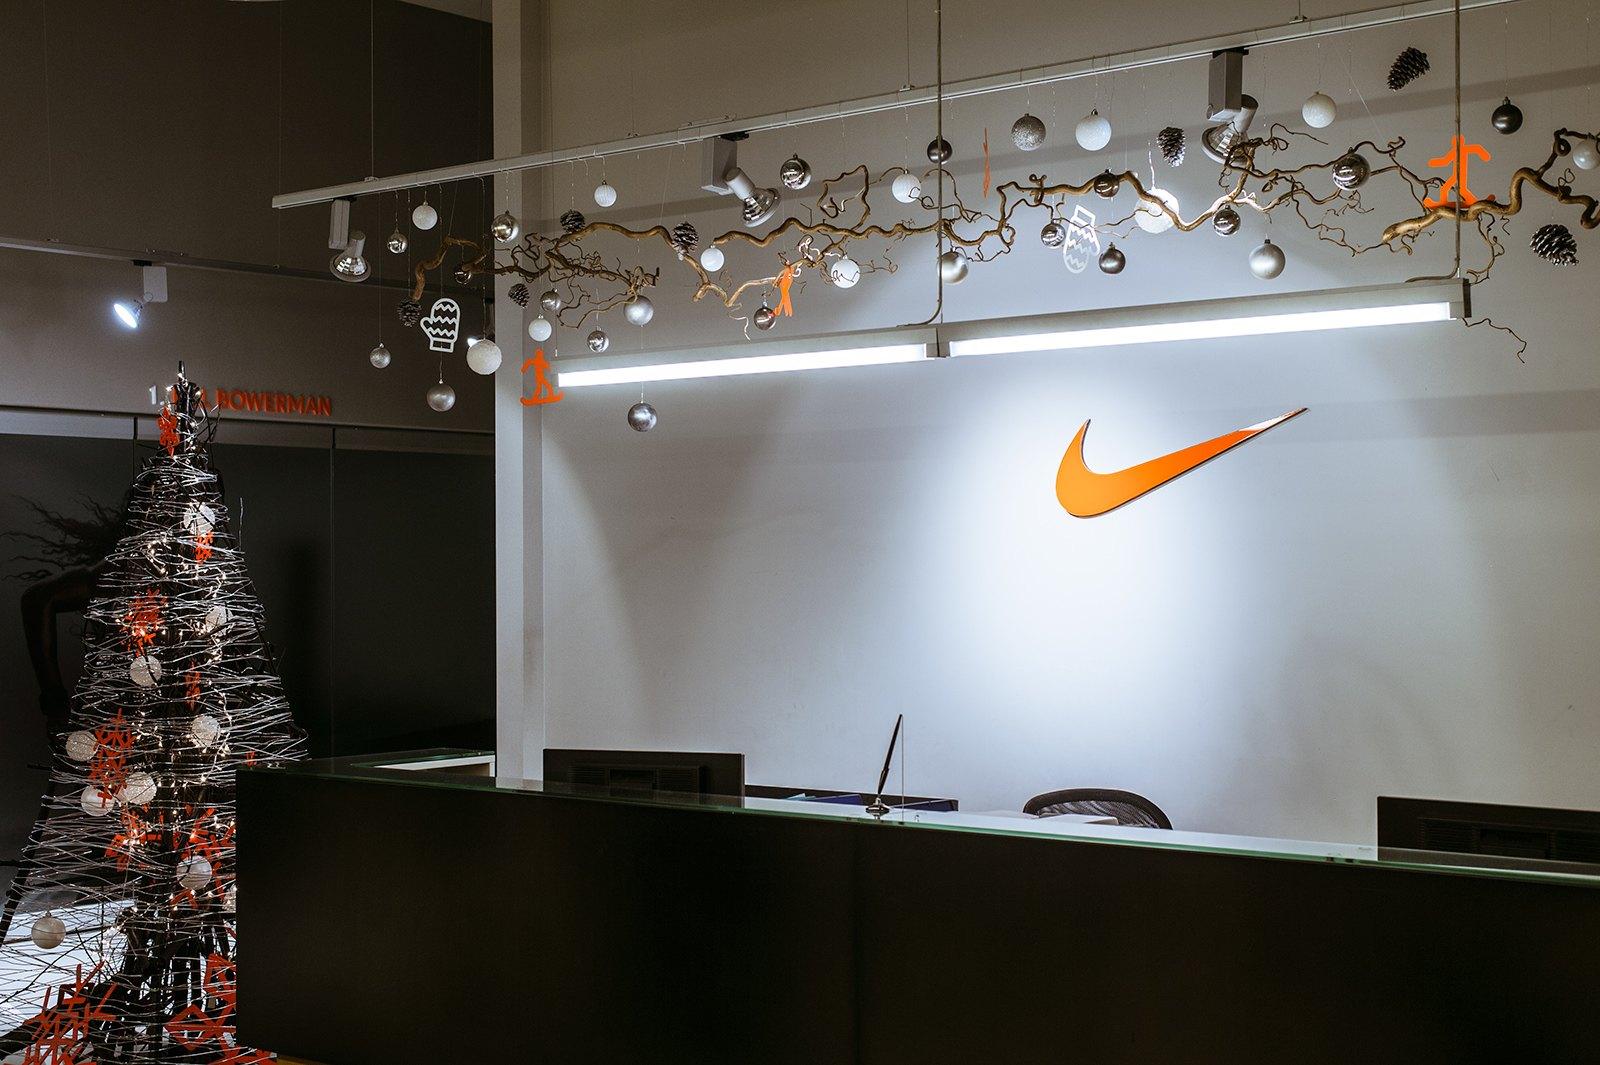 Офис своими руками — Как красиво и Оригинально украсить на новый 2020 год Крысы (180 Фото идей)